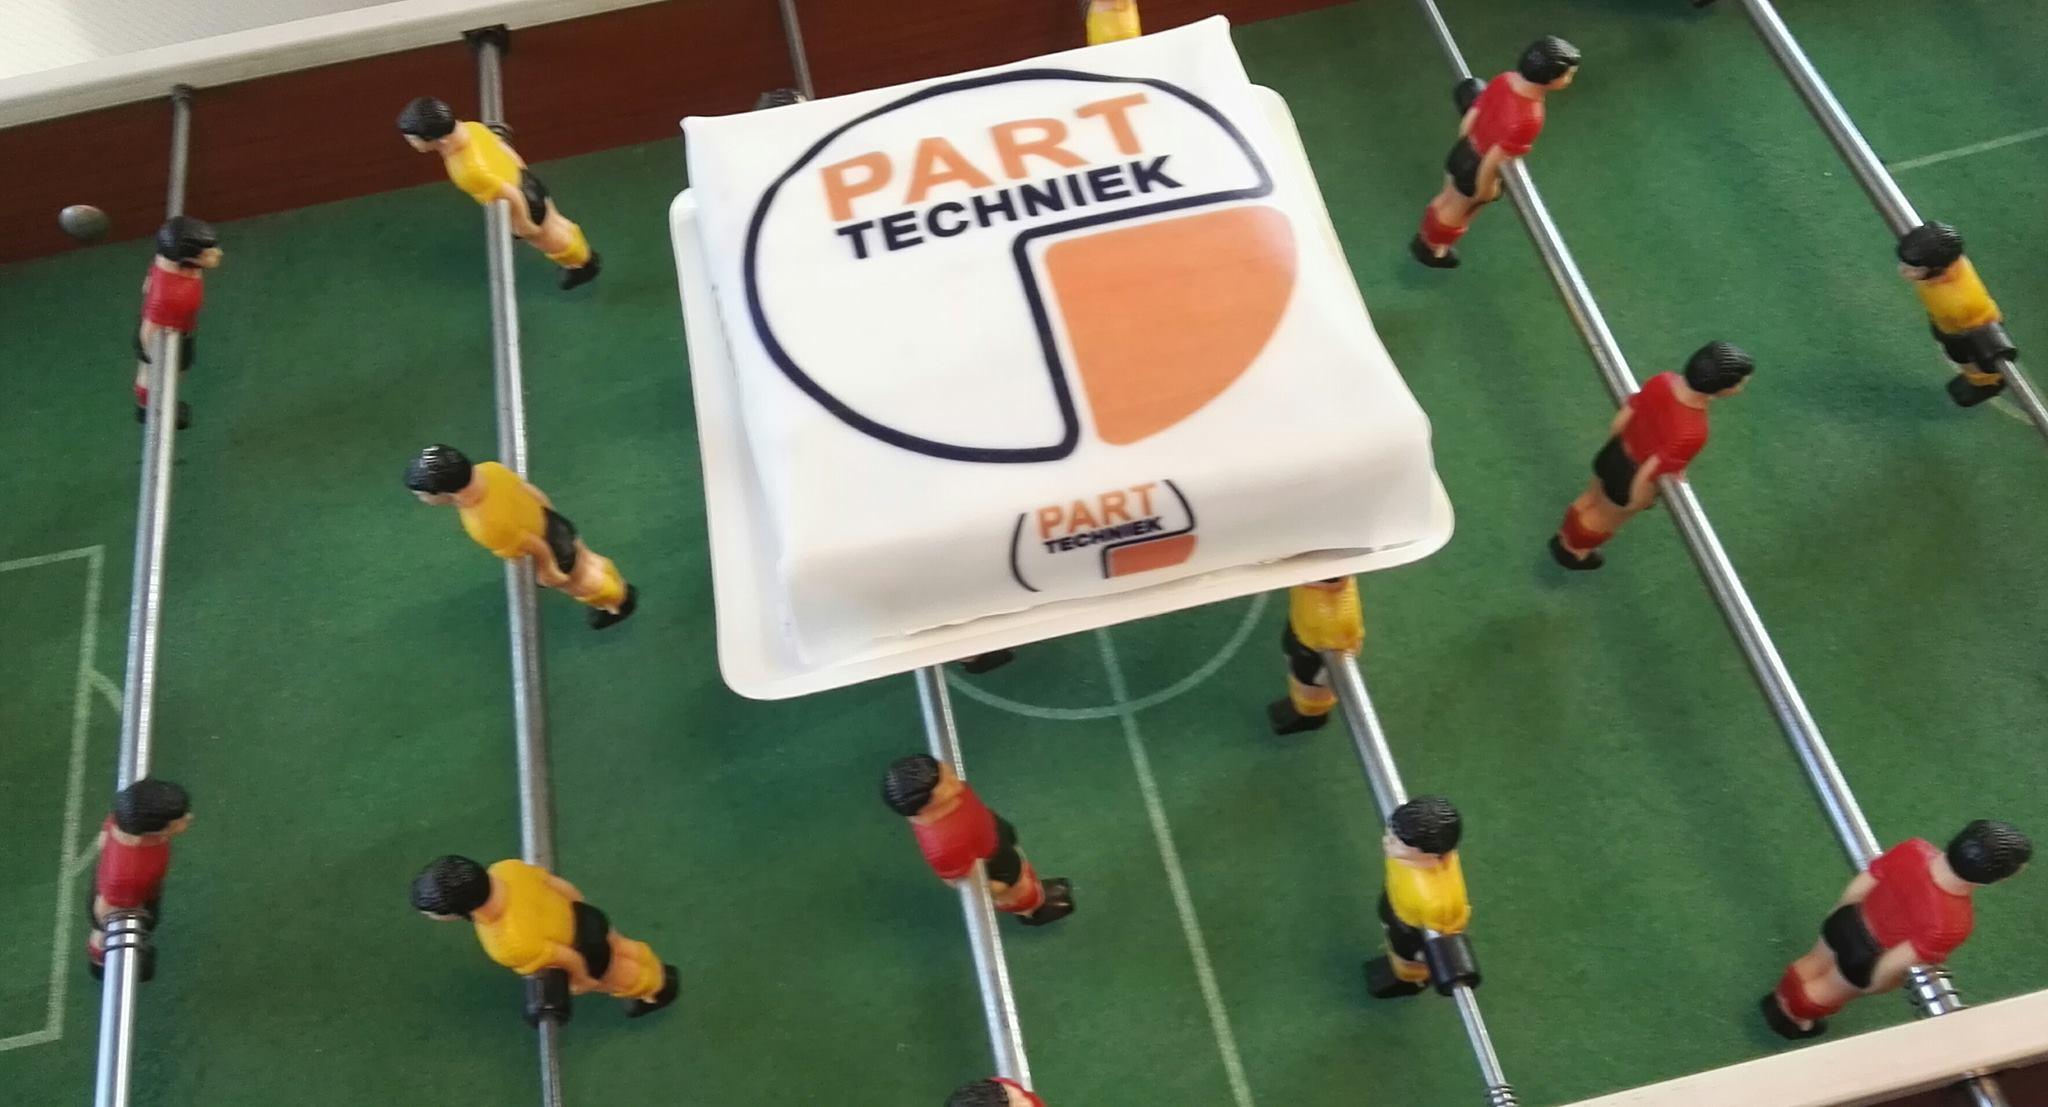 Heerlijke PART Techniek taart!